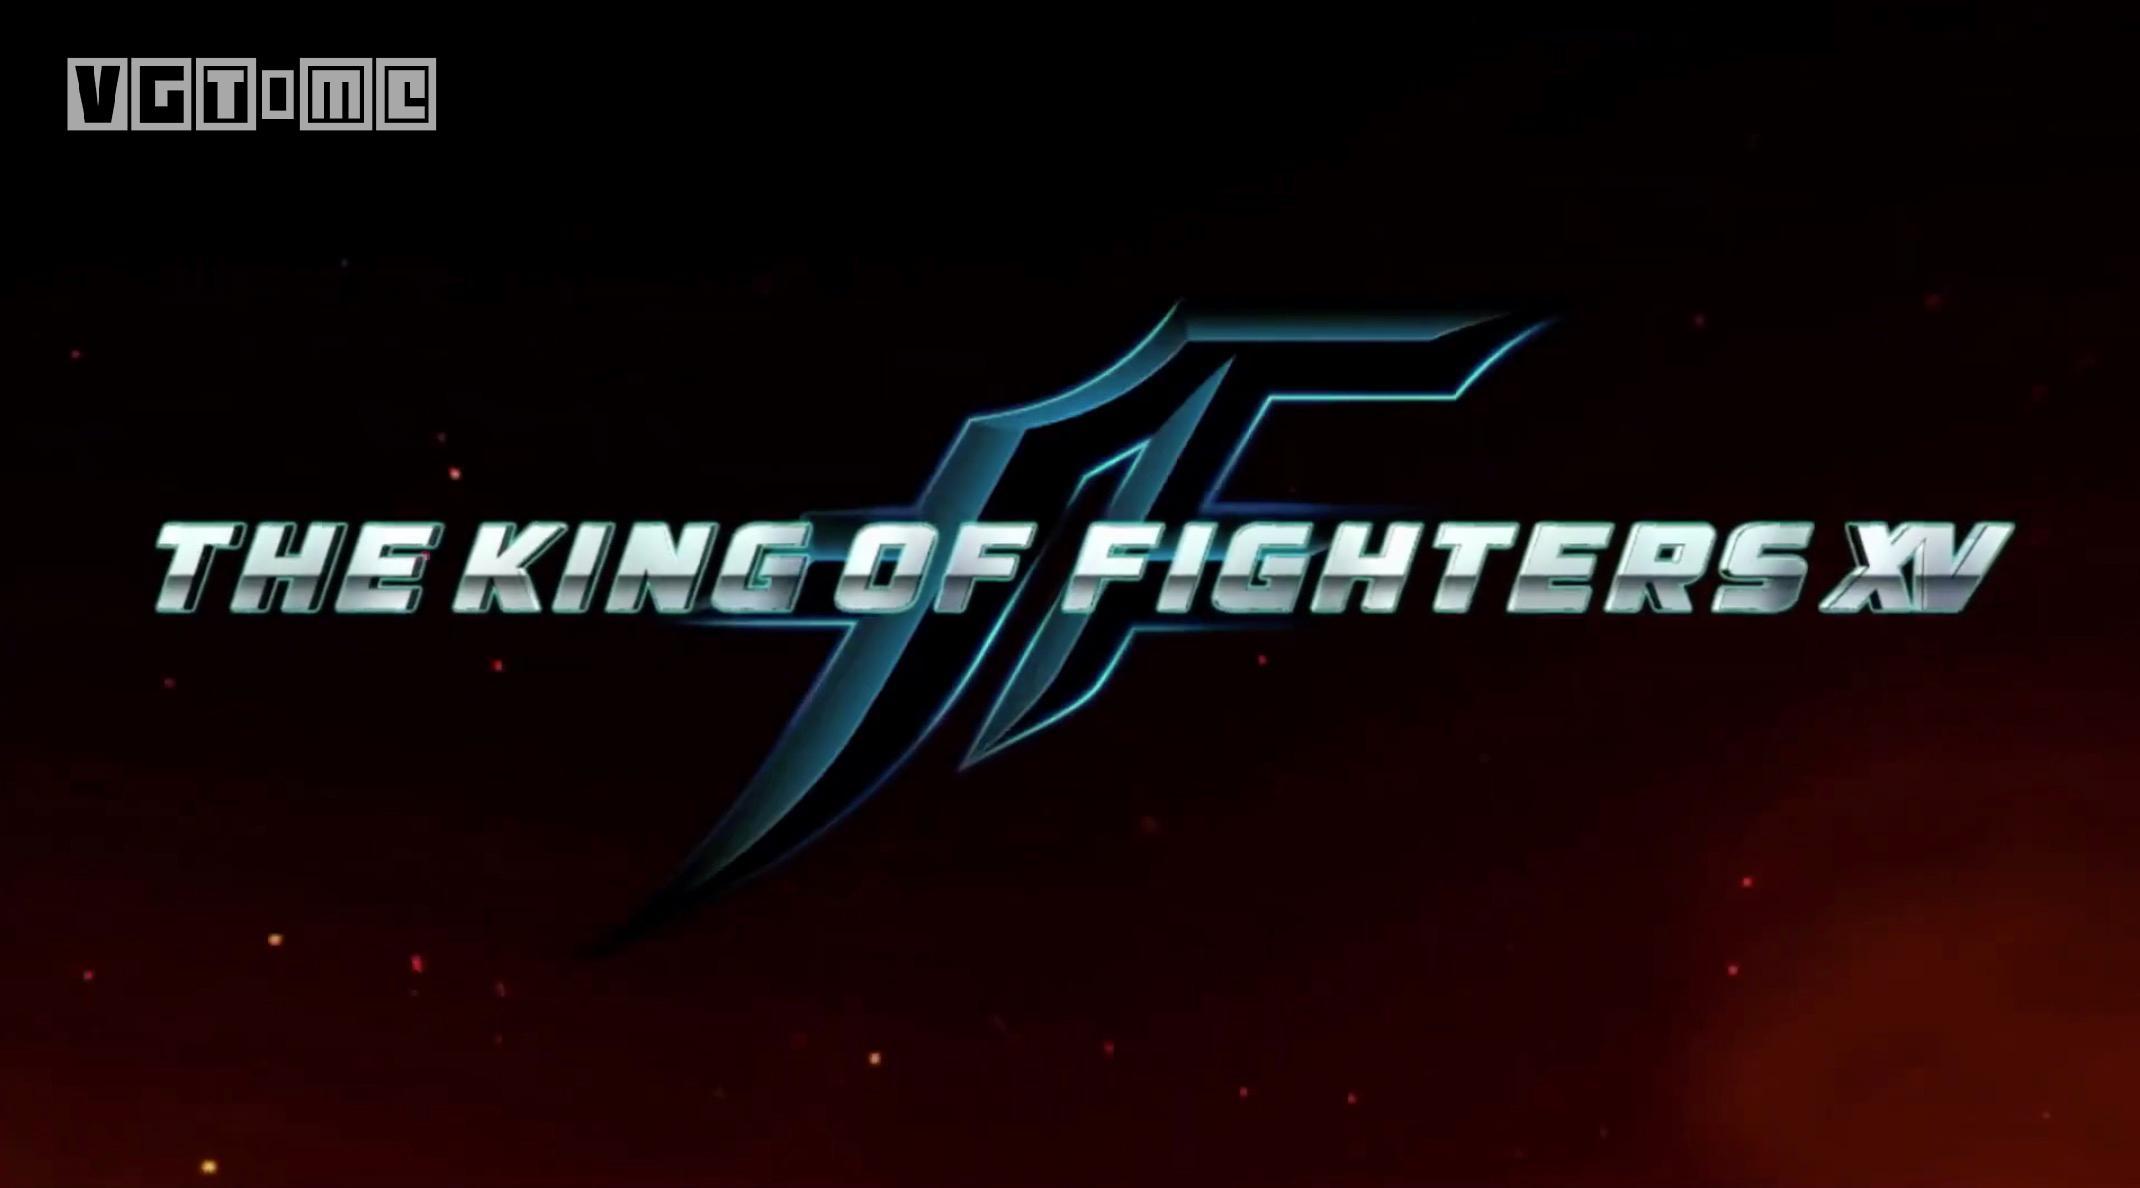 《拳皇15》正式公布!SNK还公布了《侍魂 晓》DLC角色